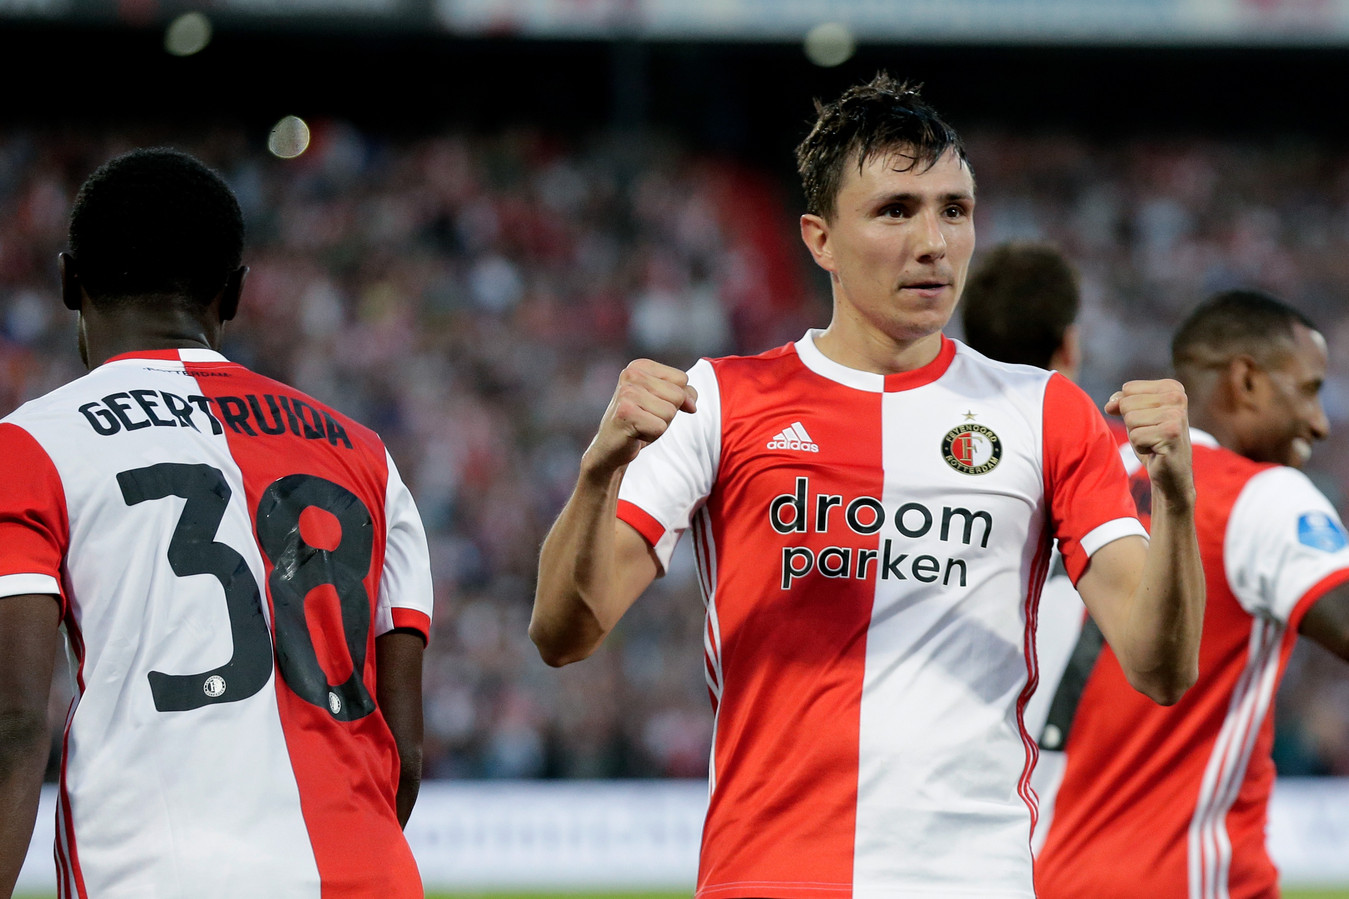 Steven Berghuis juicht na zijn rake strafschop, waarmee hij voor de 3-0 zorgde. Hij gaf ook de assists bij de 1-0 van Luis Sinisterra.